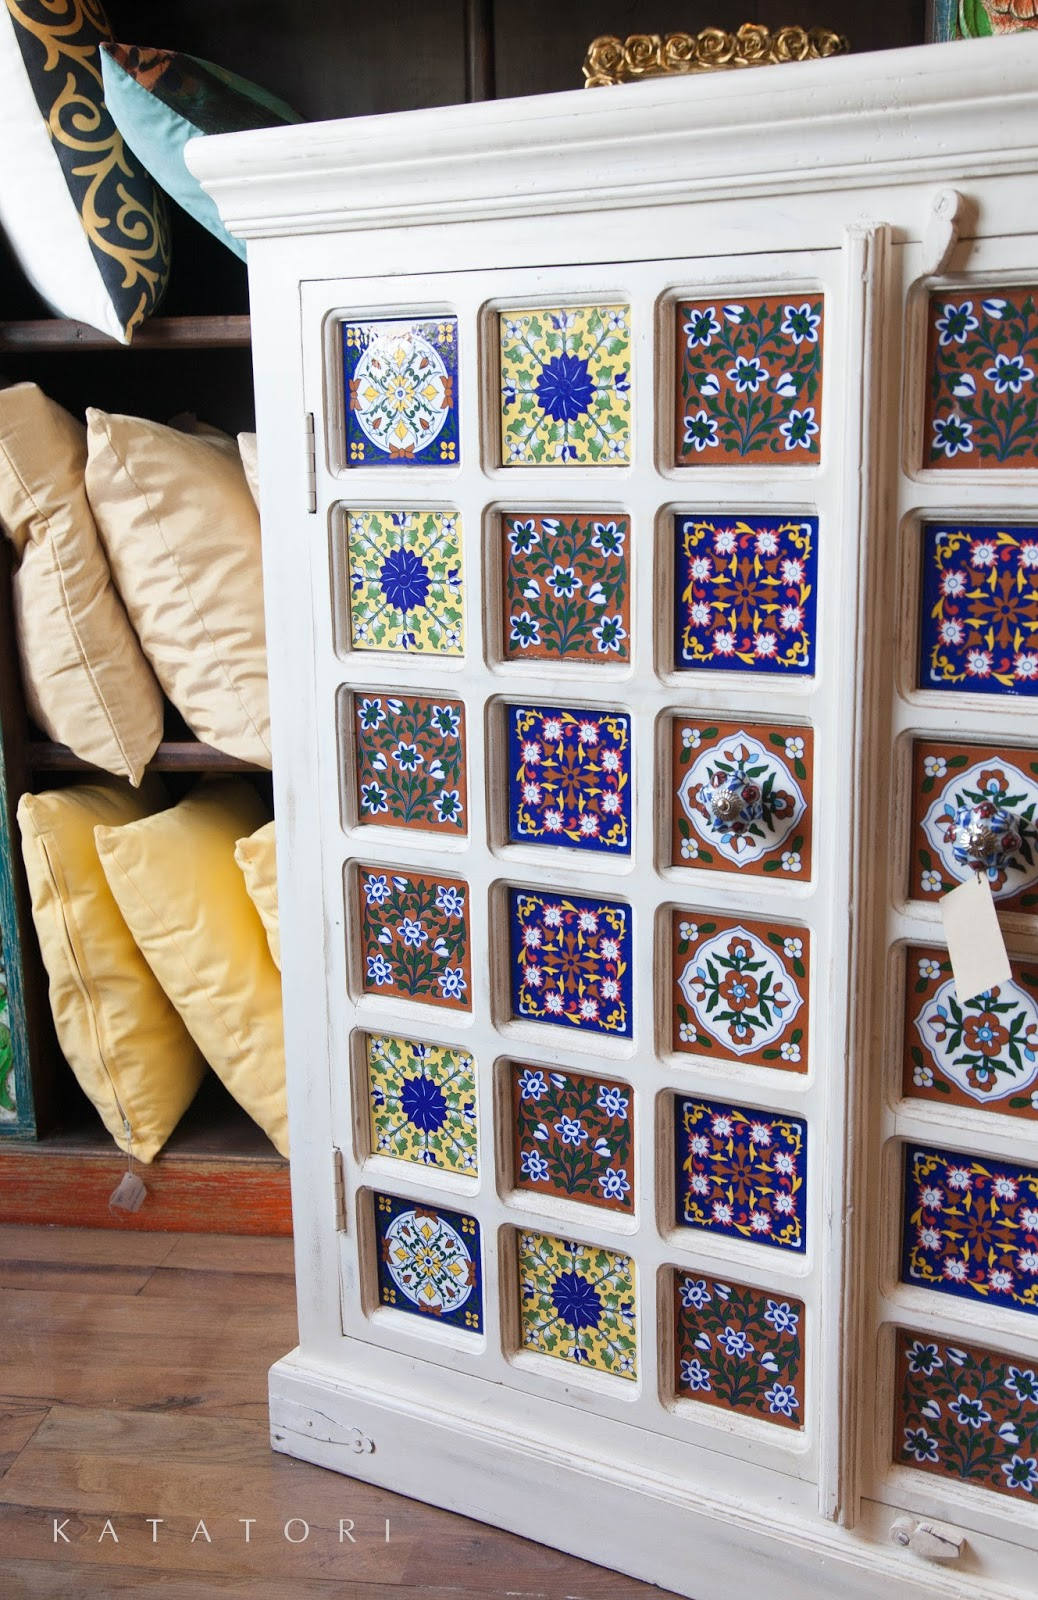 Katatori interiores muebles y azulejos for Muebles poligono el manchon